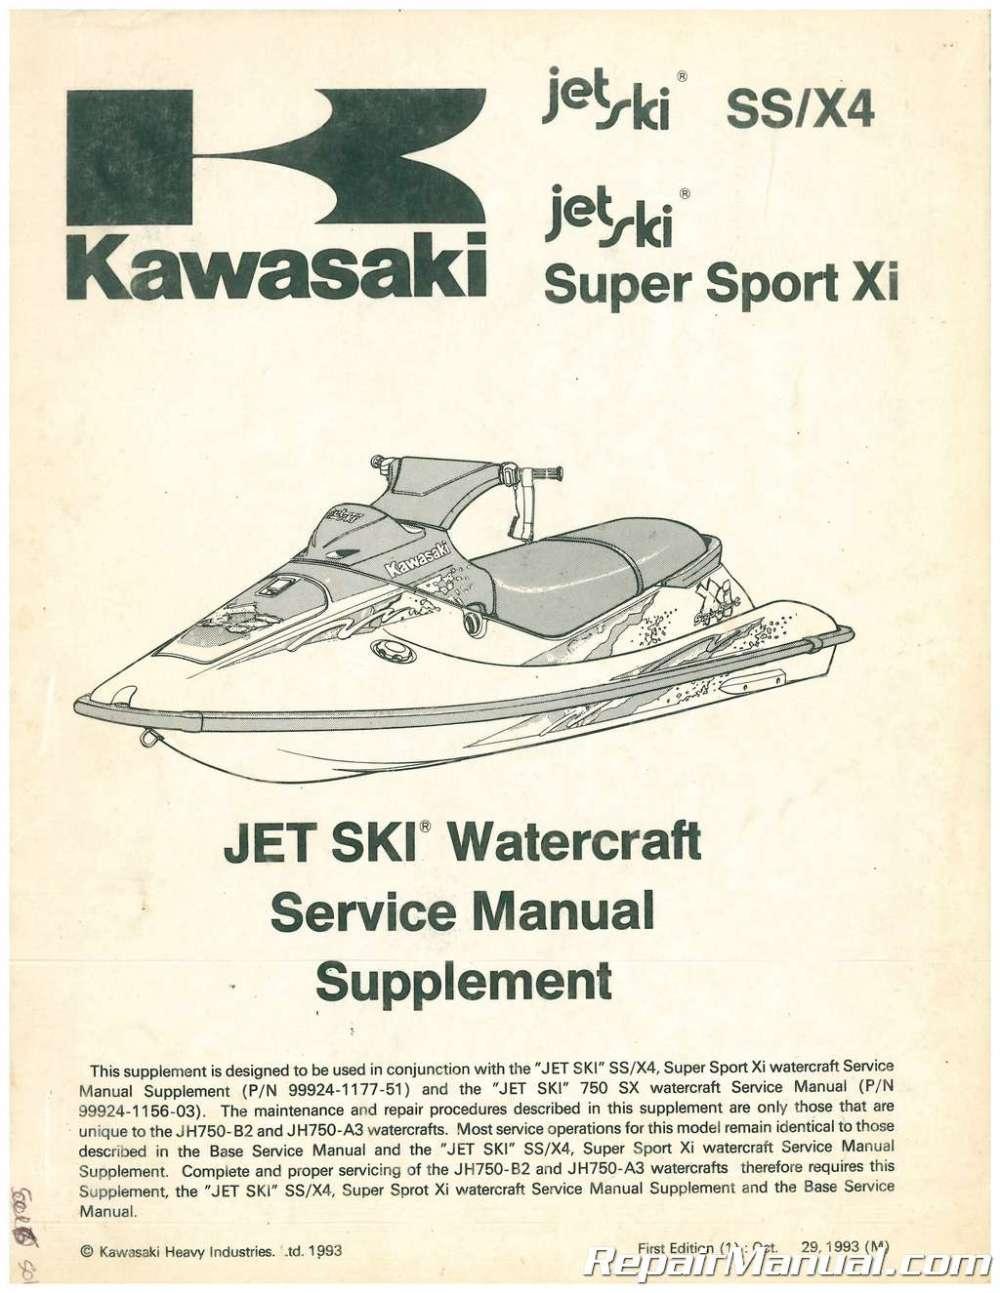 medium resolution of used 1994 kawasaki jet ski ss x4 super sport x1 service manual supplement